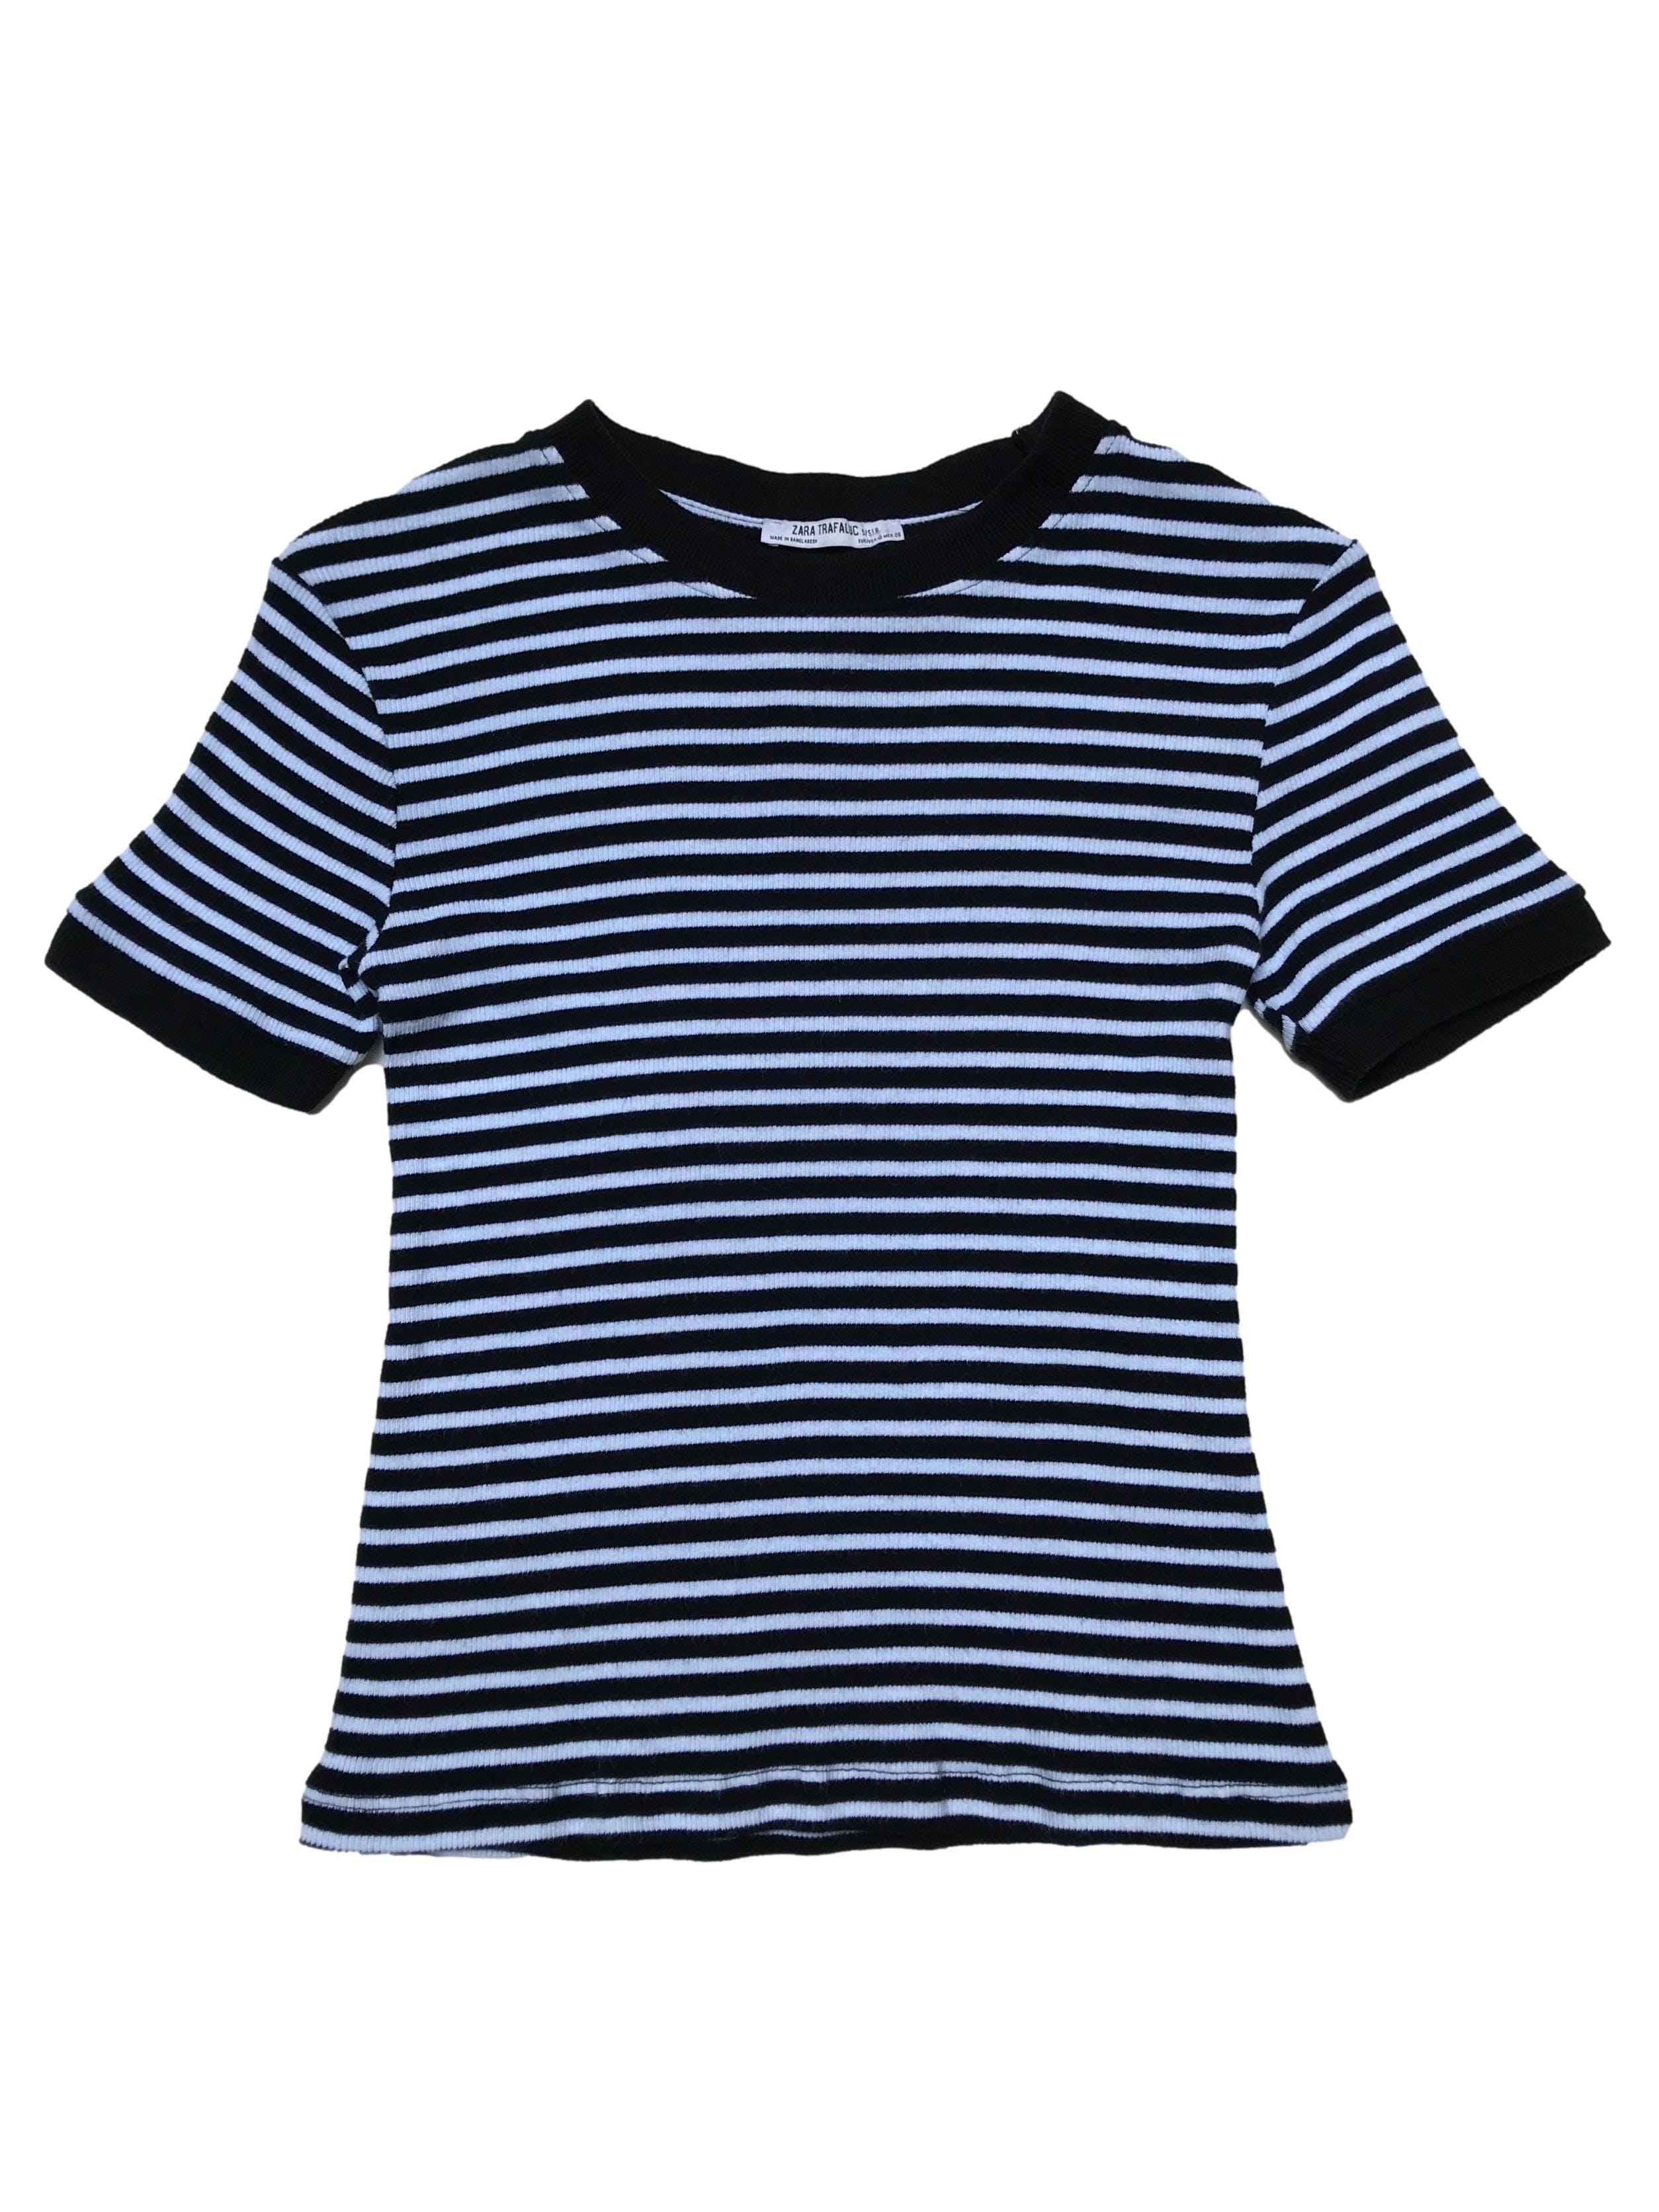 Polo Zara a rayas blancas y negras, textura acanalada, cuello y mangas de rib. Largo 50cm